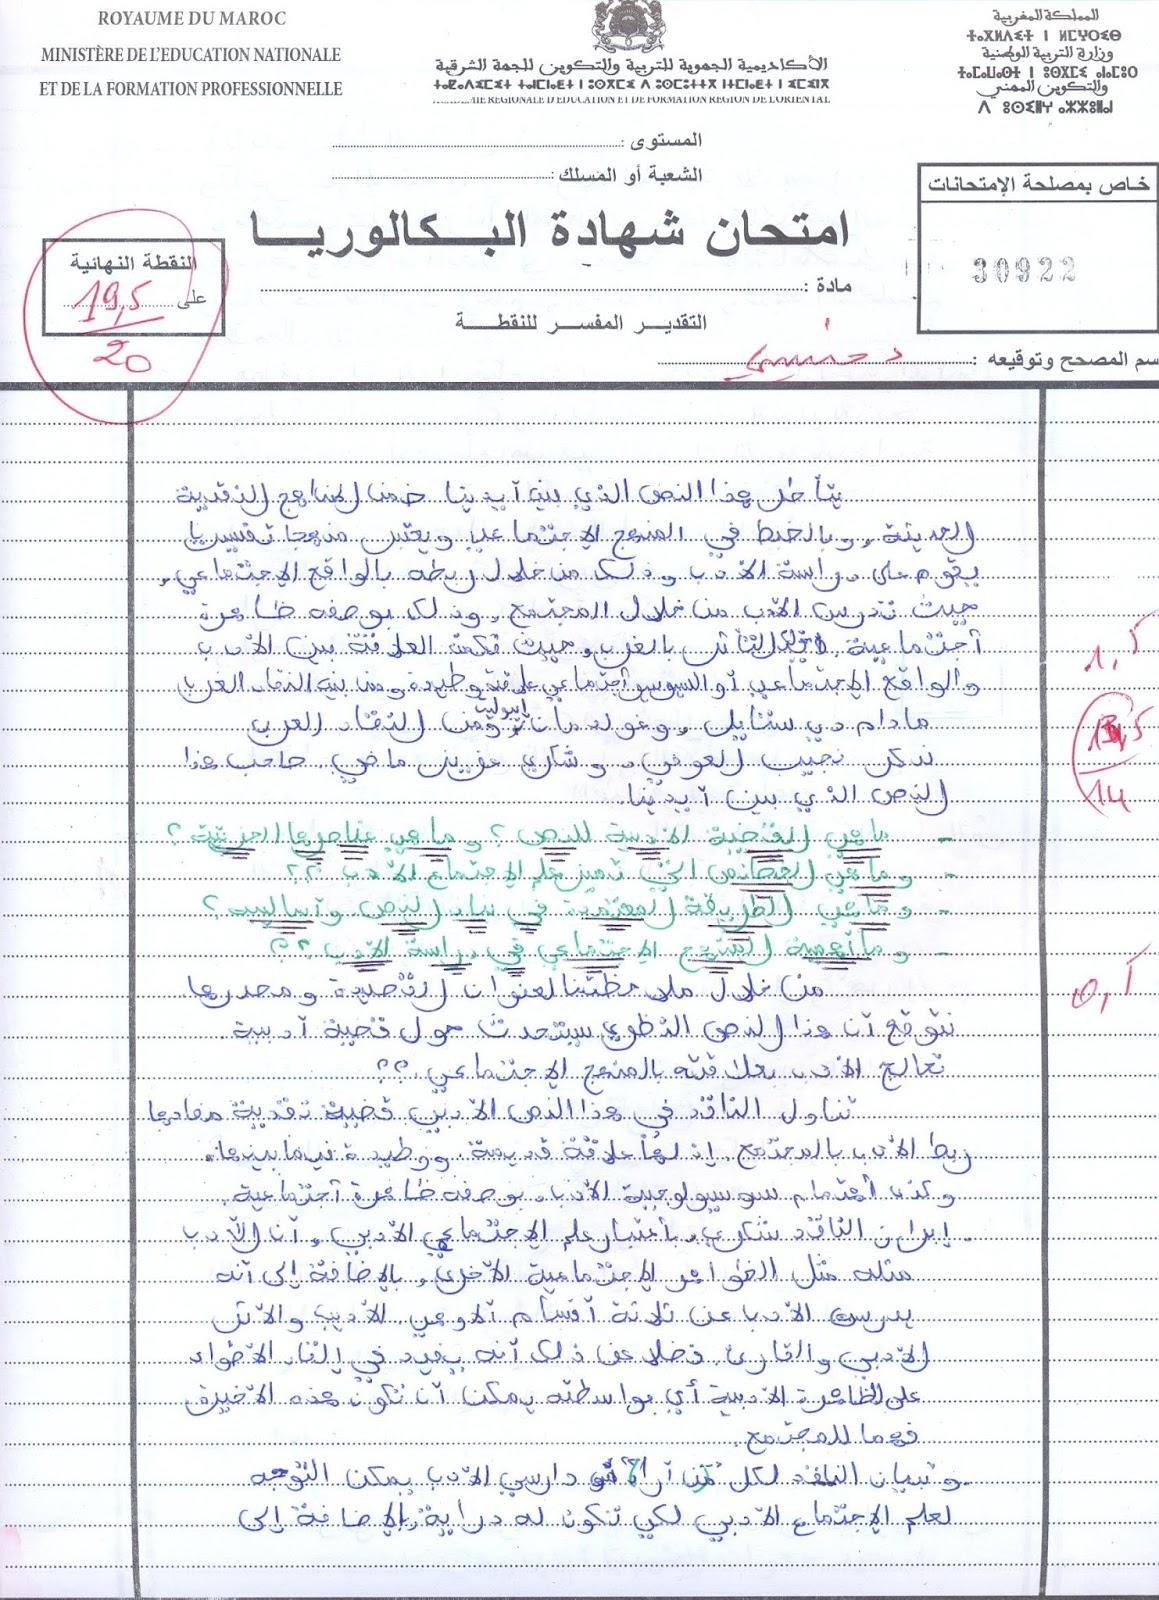 [صور حصريّة] - الإنجاز النموذجي (19,50/20)؛ الامتحان الوطني الموحد للباكالوريا، اللغة العربية وآدابها، مسلك العلوم الإنسانية 2015